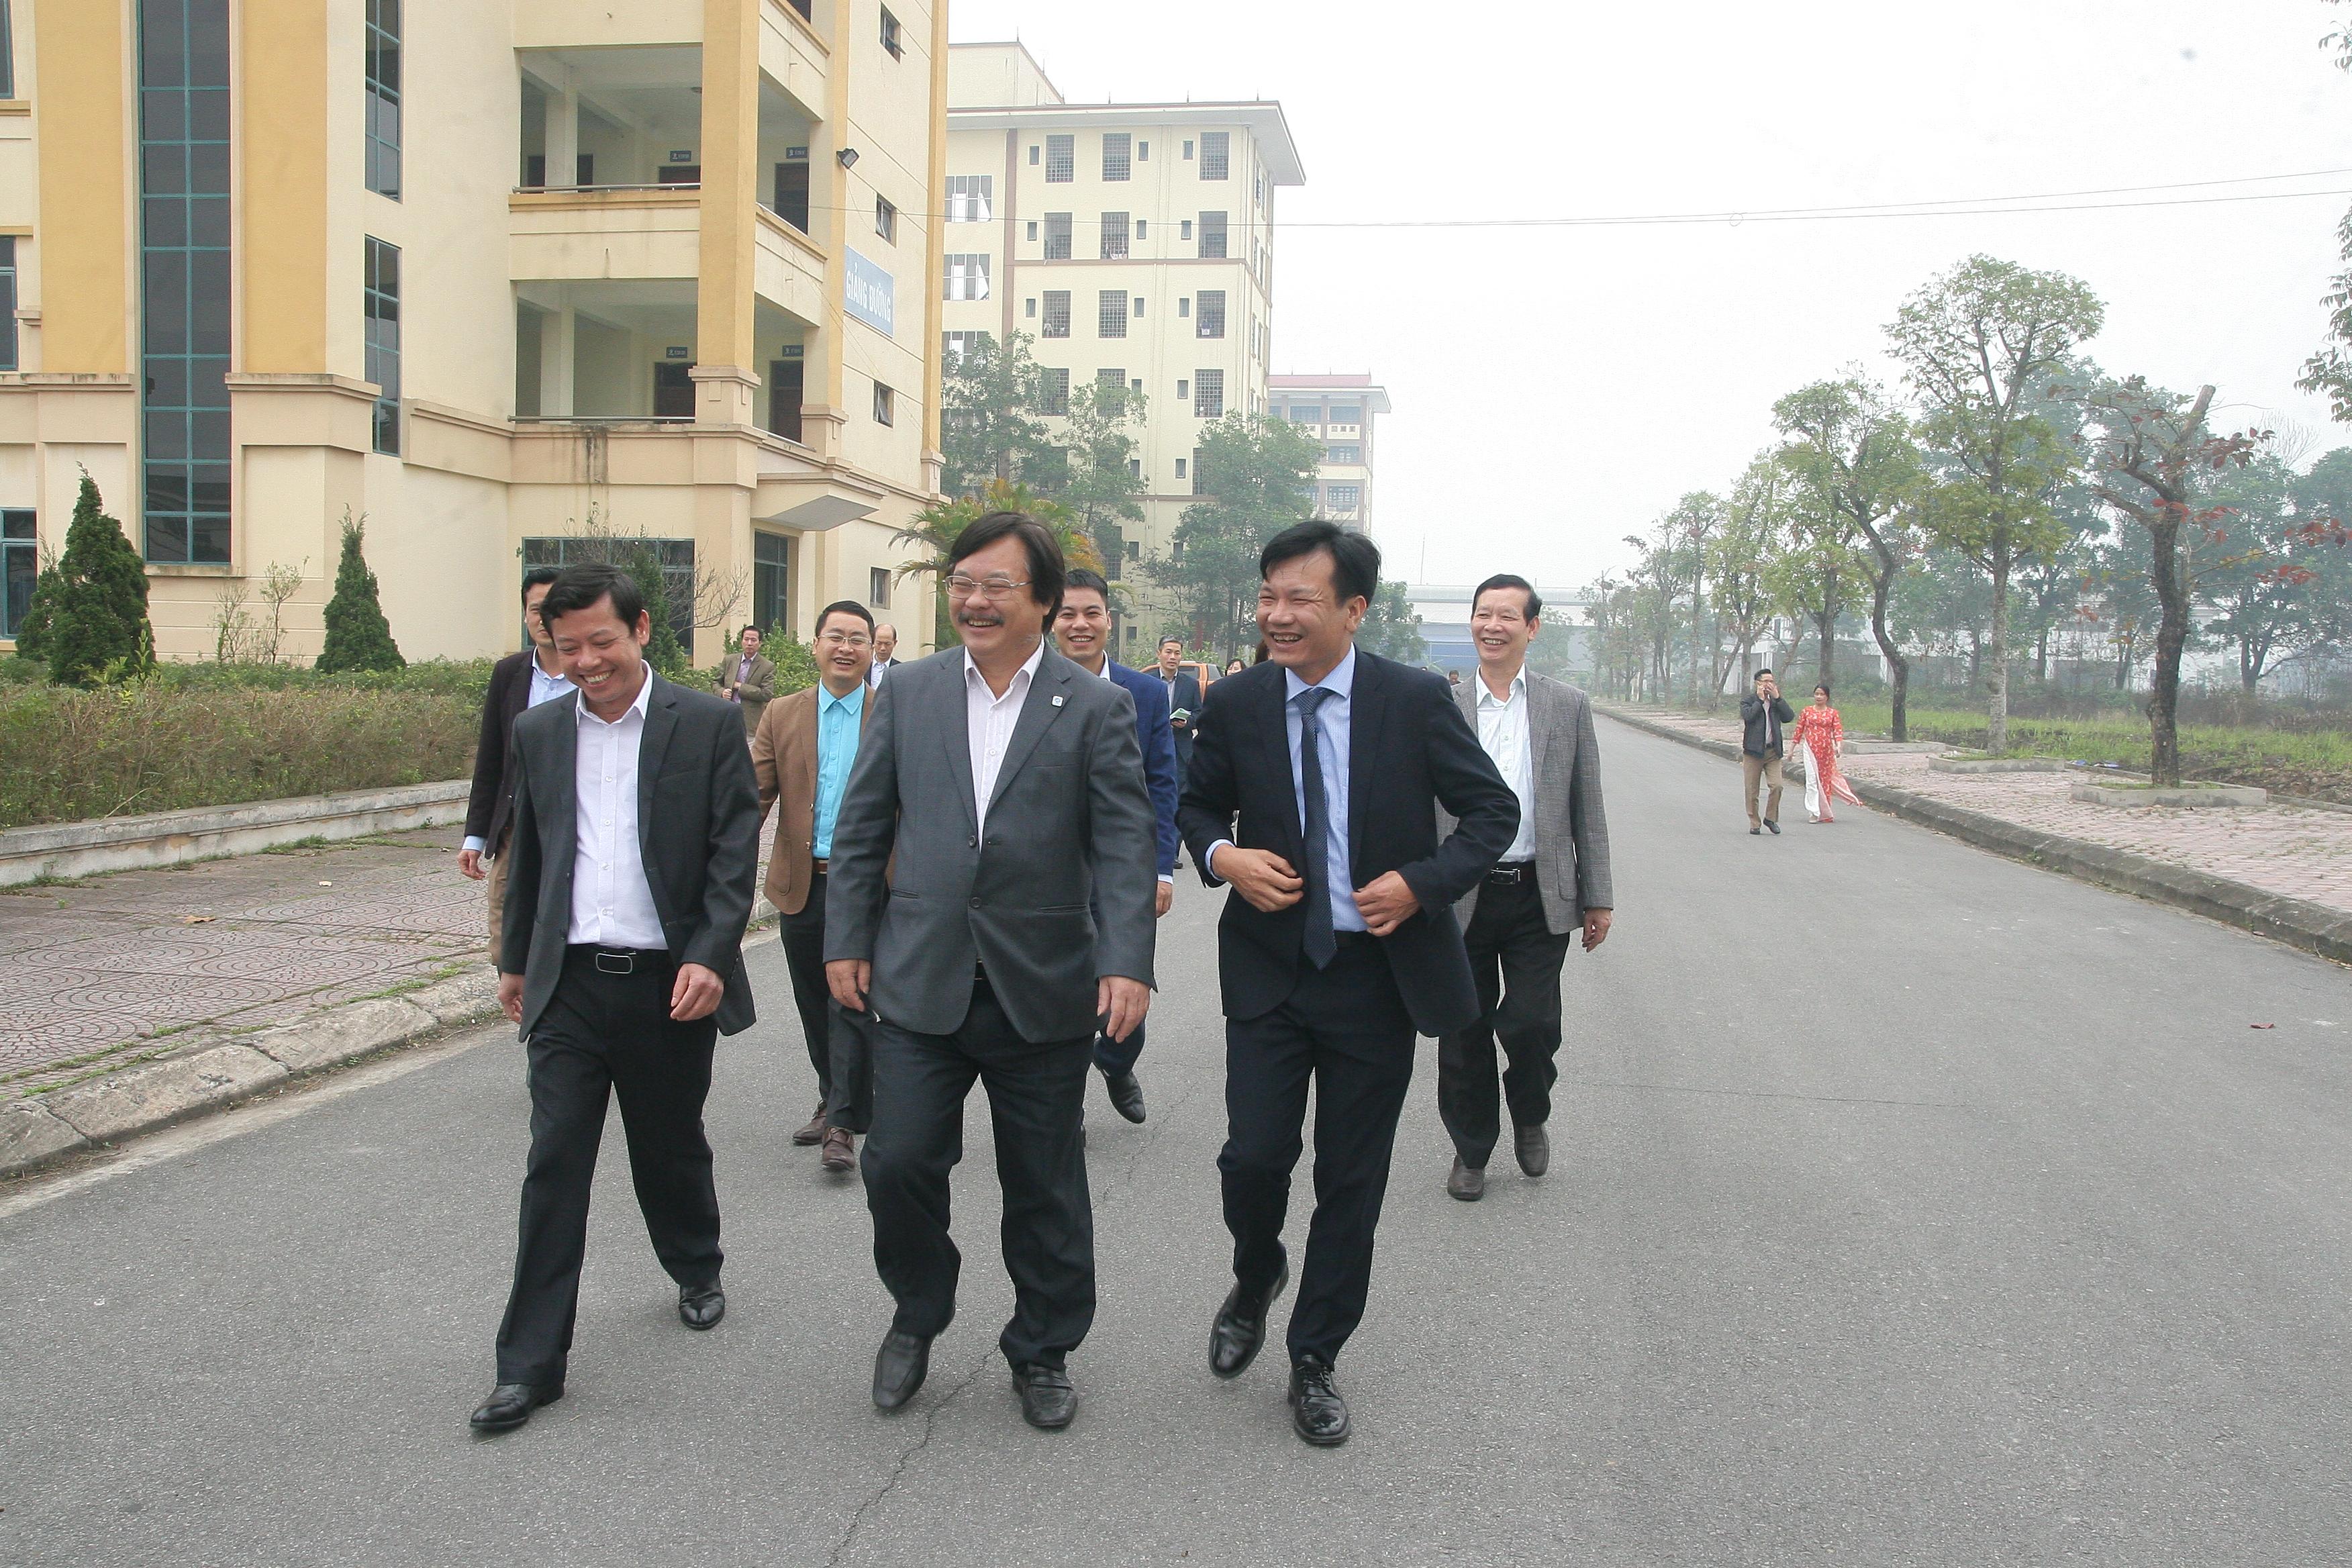 Kết thúc chuyến thăm và làm việc của đồng chí Tổng cục trưởng Tổng Cục Giáo dục Nghề nghiệp Nguyễn Hồng Minh với lãnh đạo và cán bộ, giáo viên, nhân viên Nhà trường.